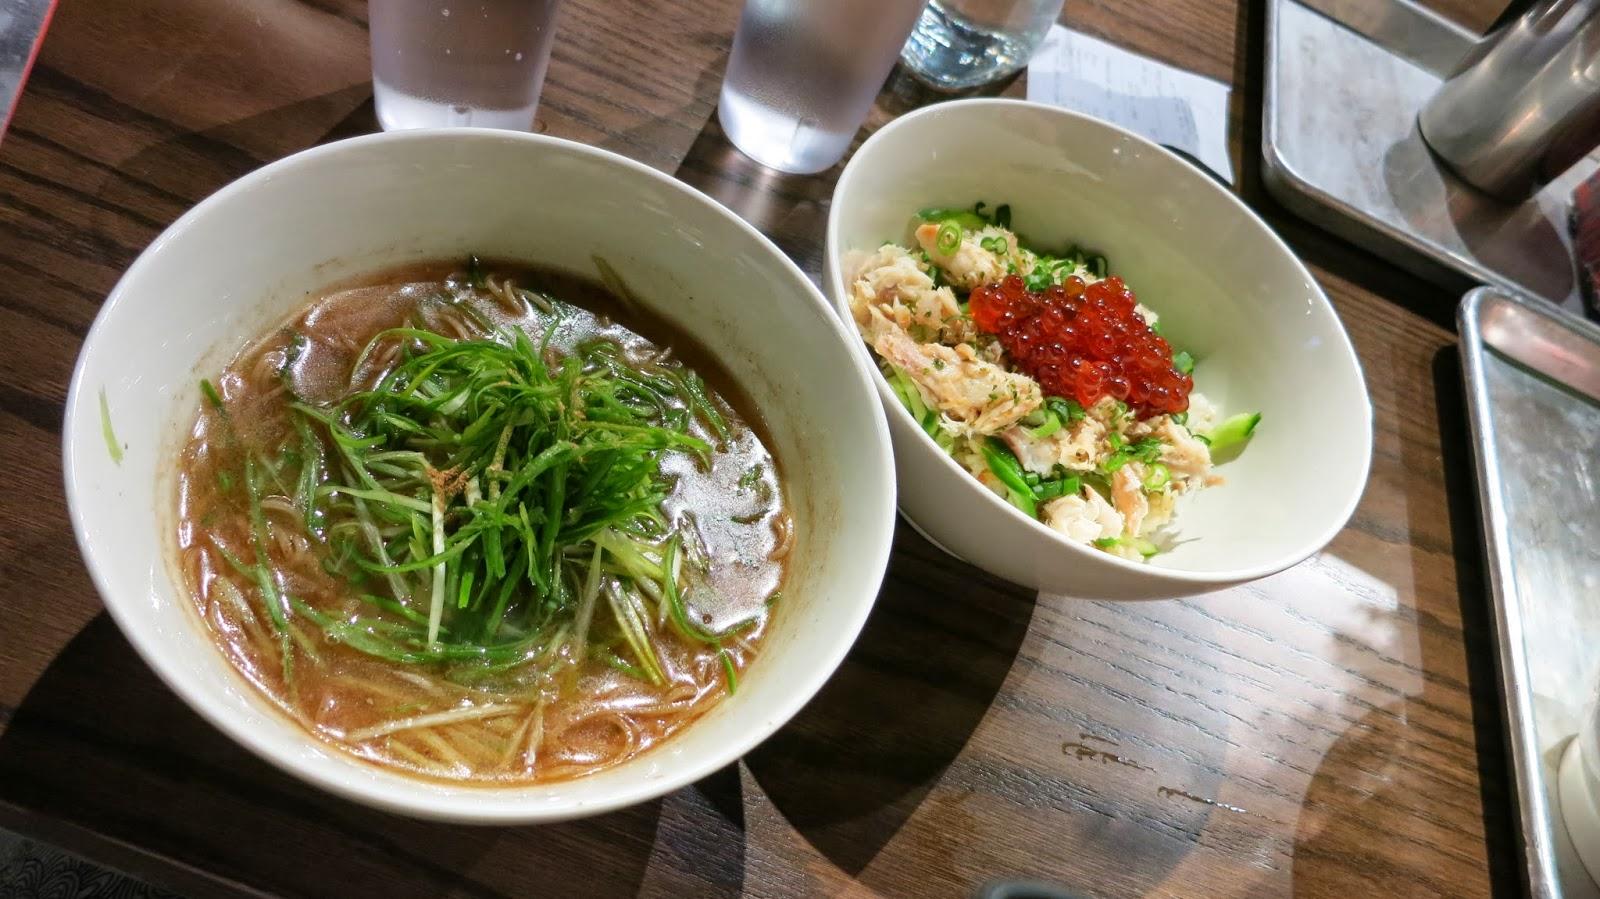 Ivan Ramen Slurp Shop New York À La Keiko Nykeiko Eats Gotham West Market Nyc Ivan